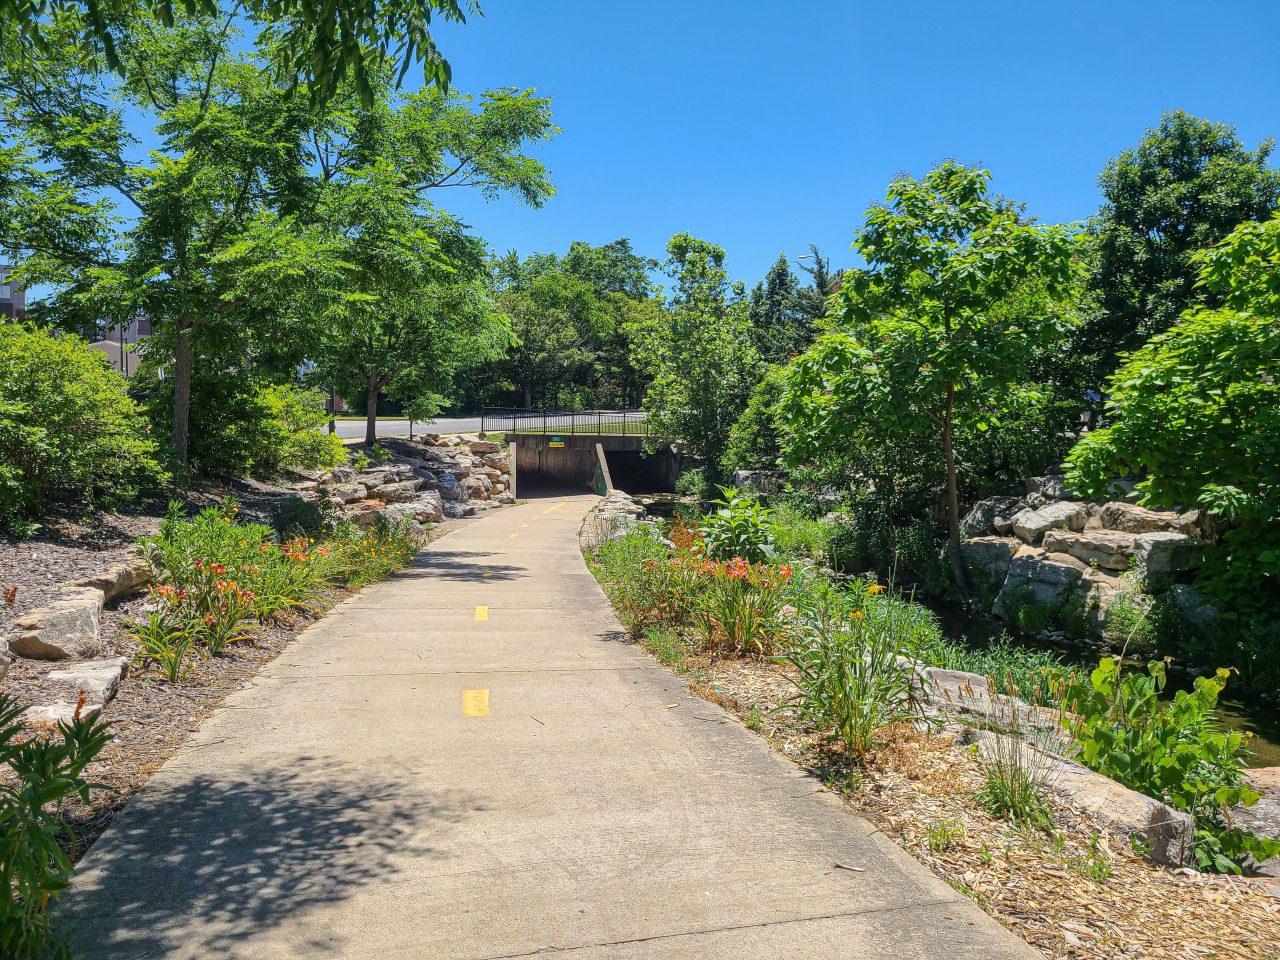 MKT Trail - Flat Branch Park